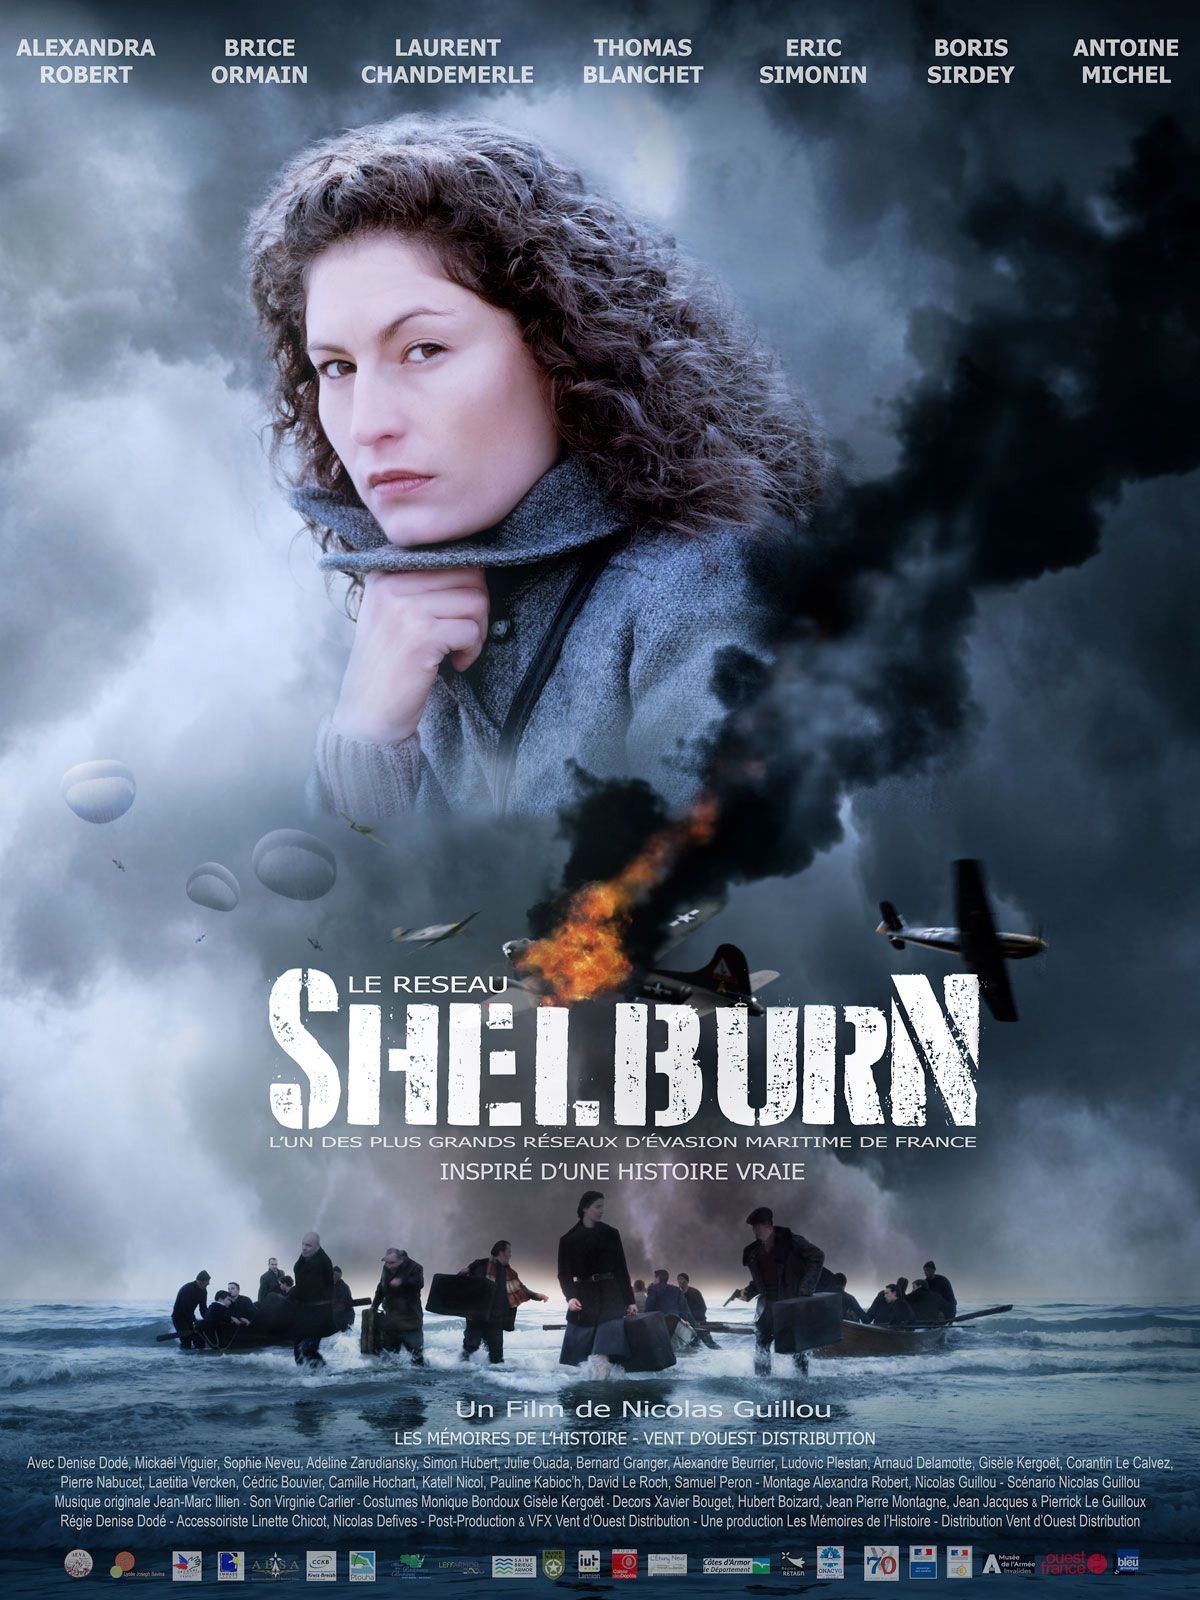 Le Réseau Shelburn - Film (2020)